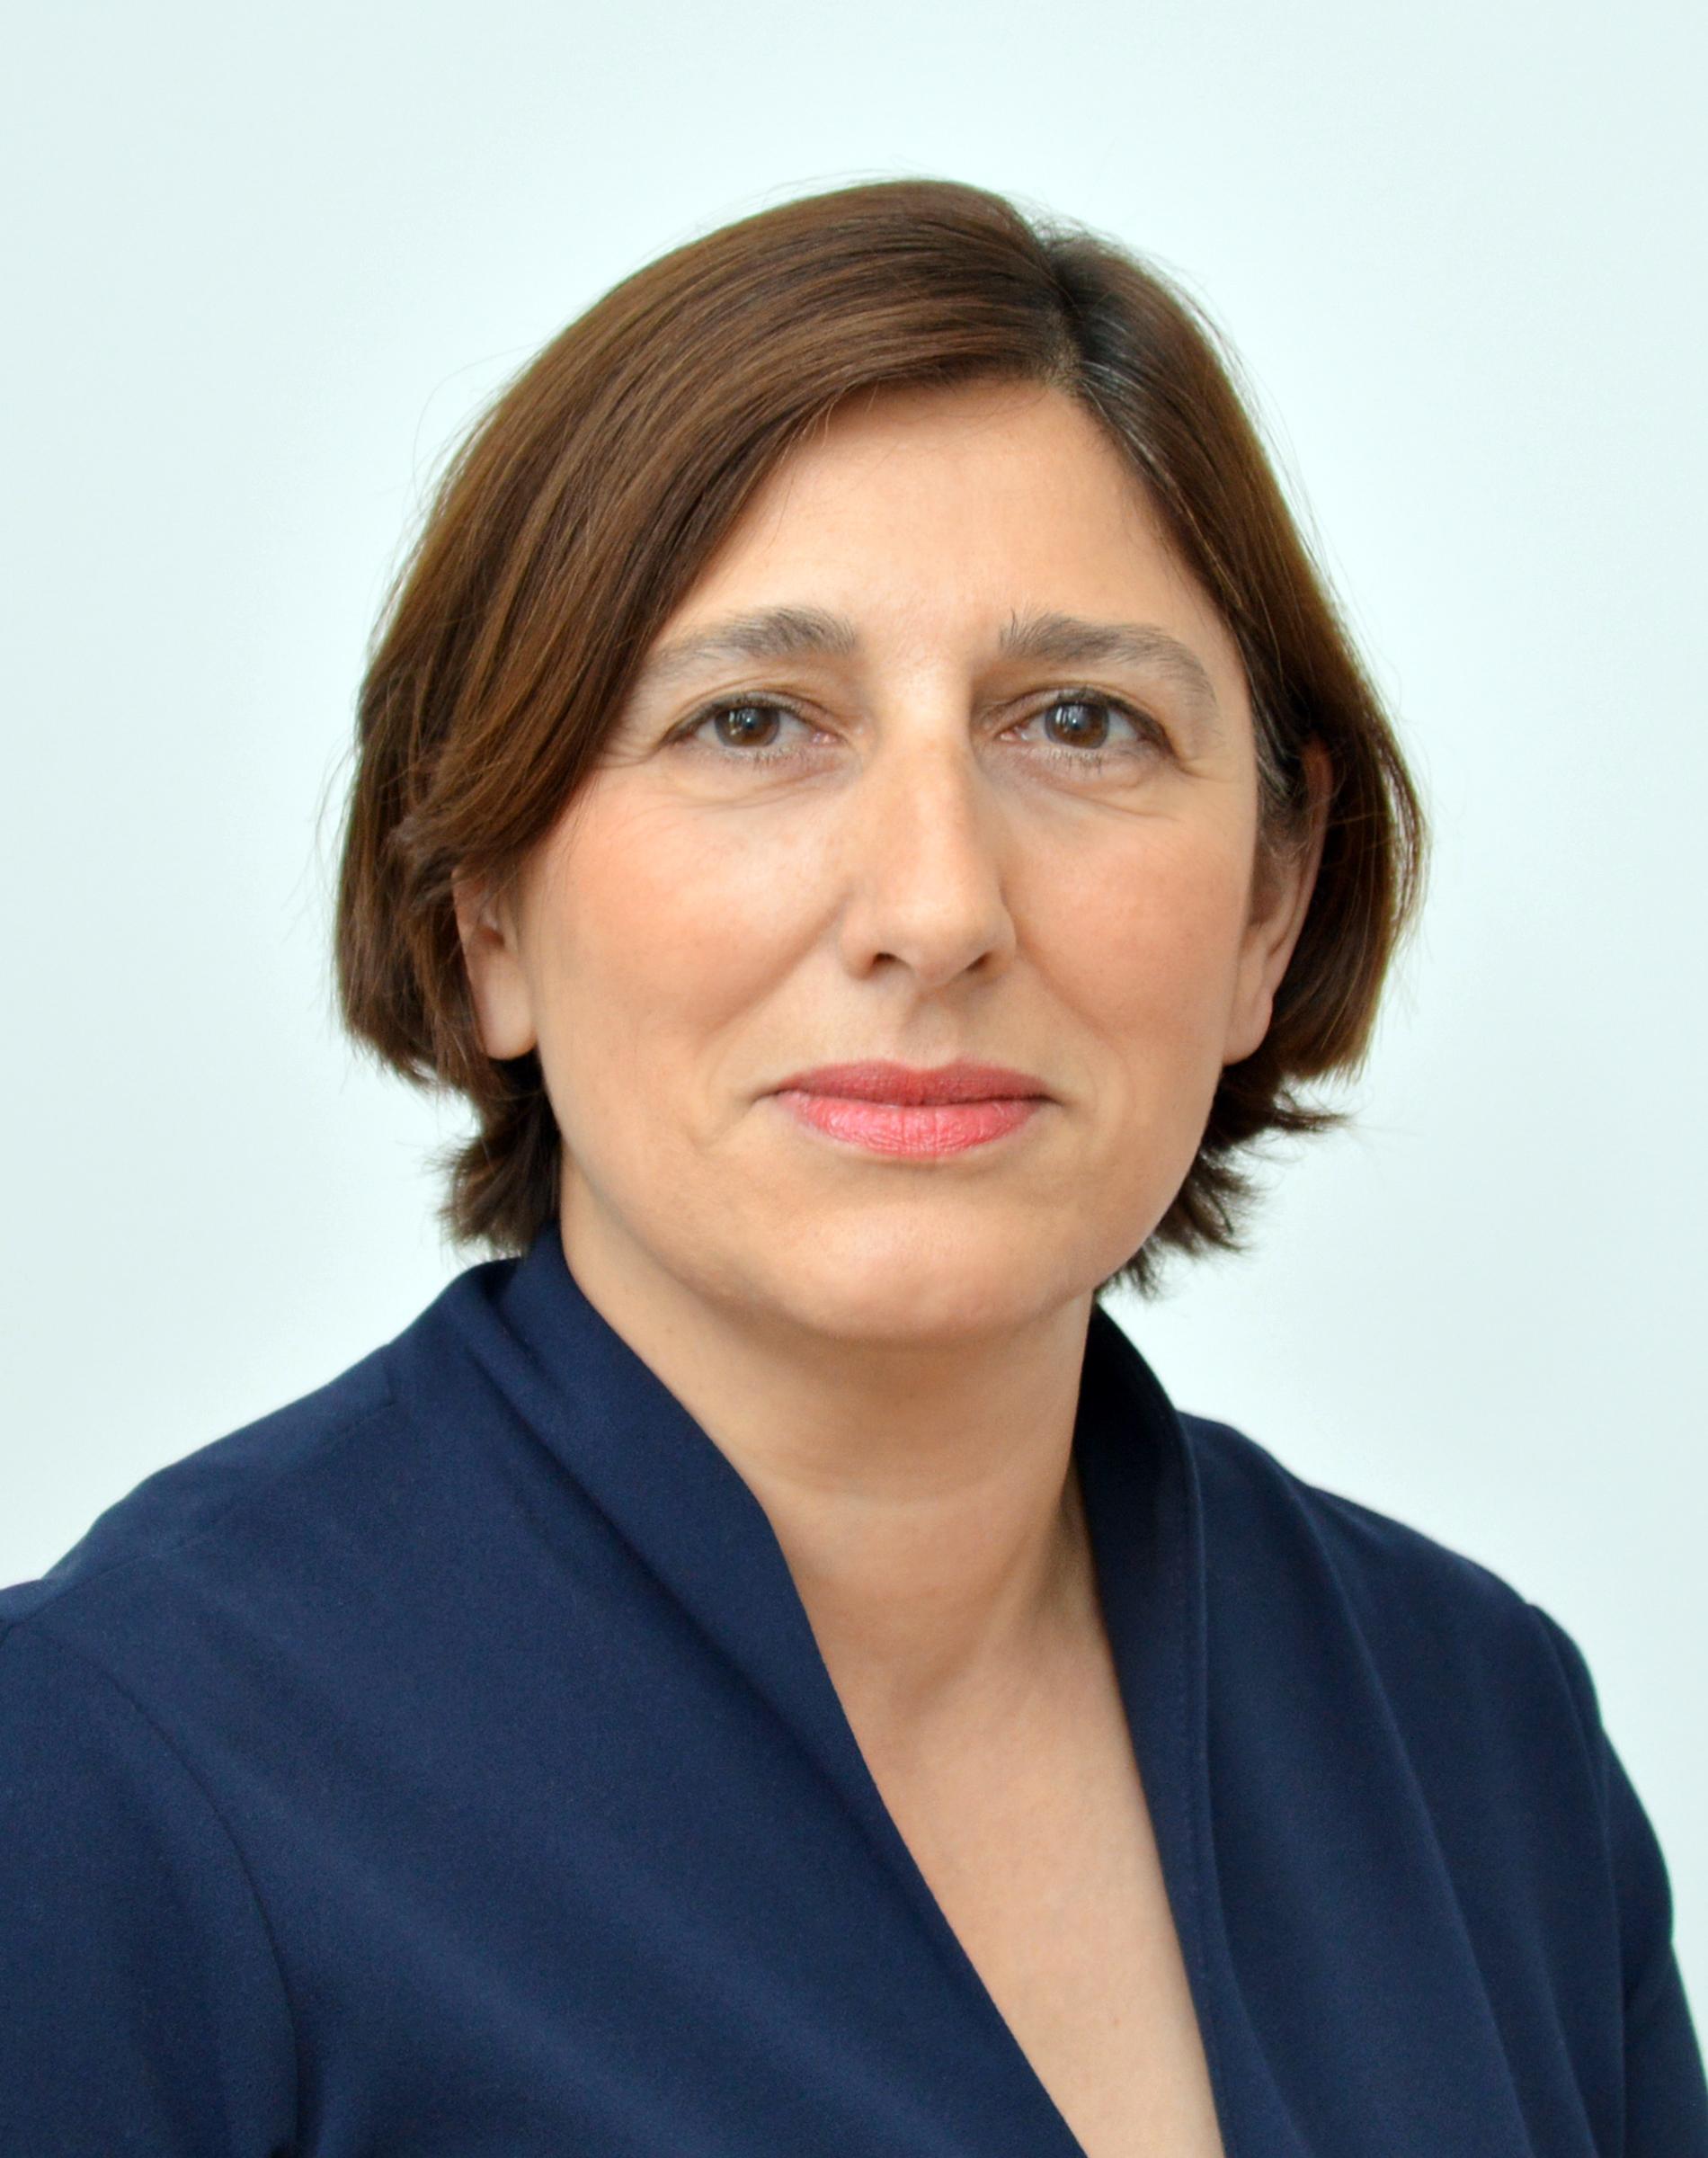 Natalie Spitz